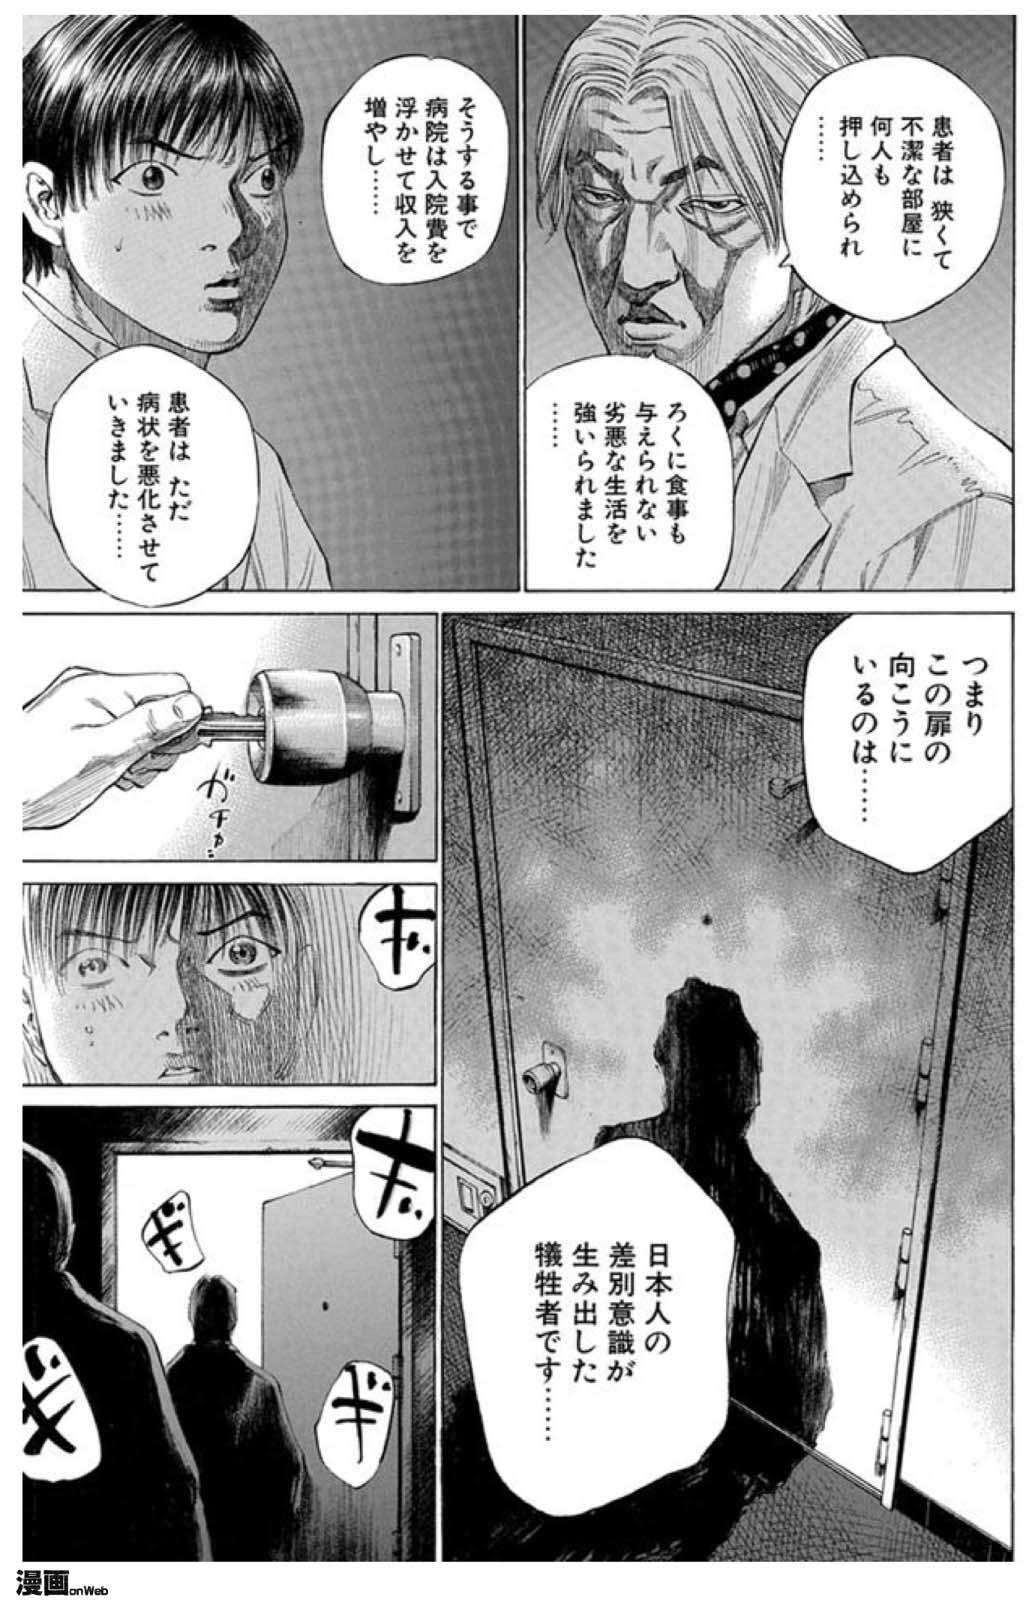 図6-3 11巻165ページ